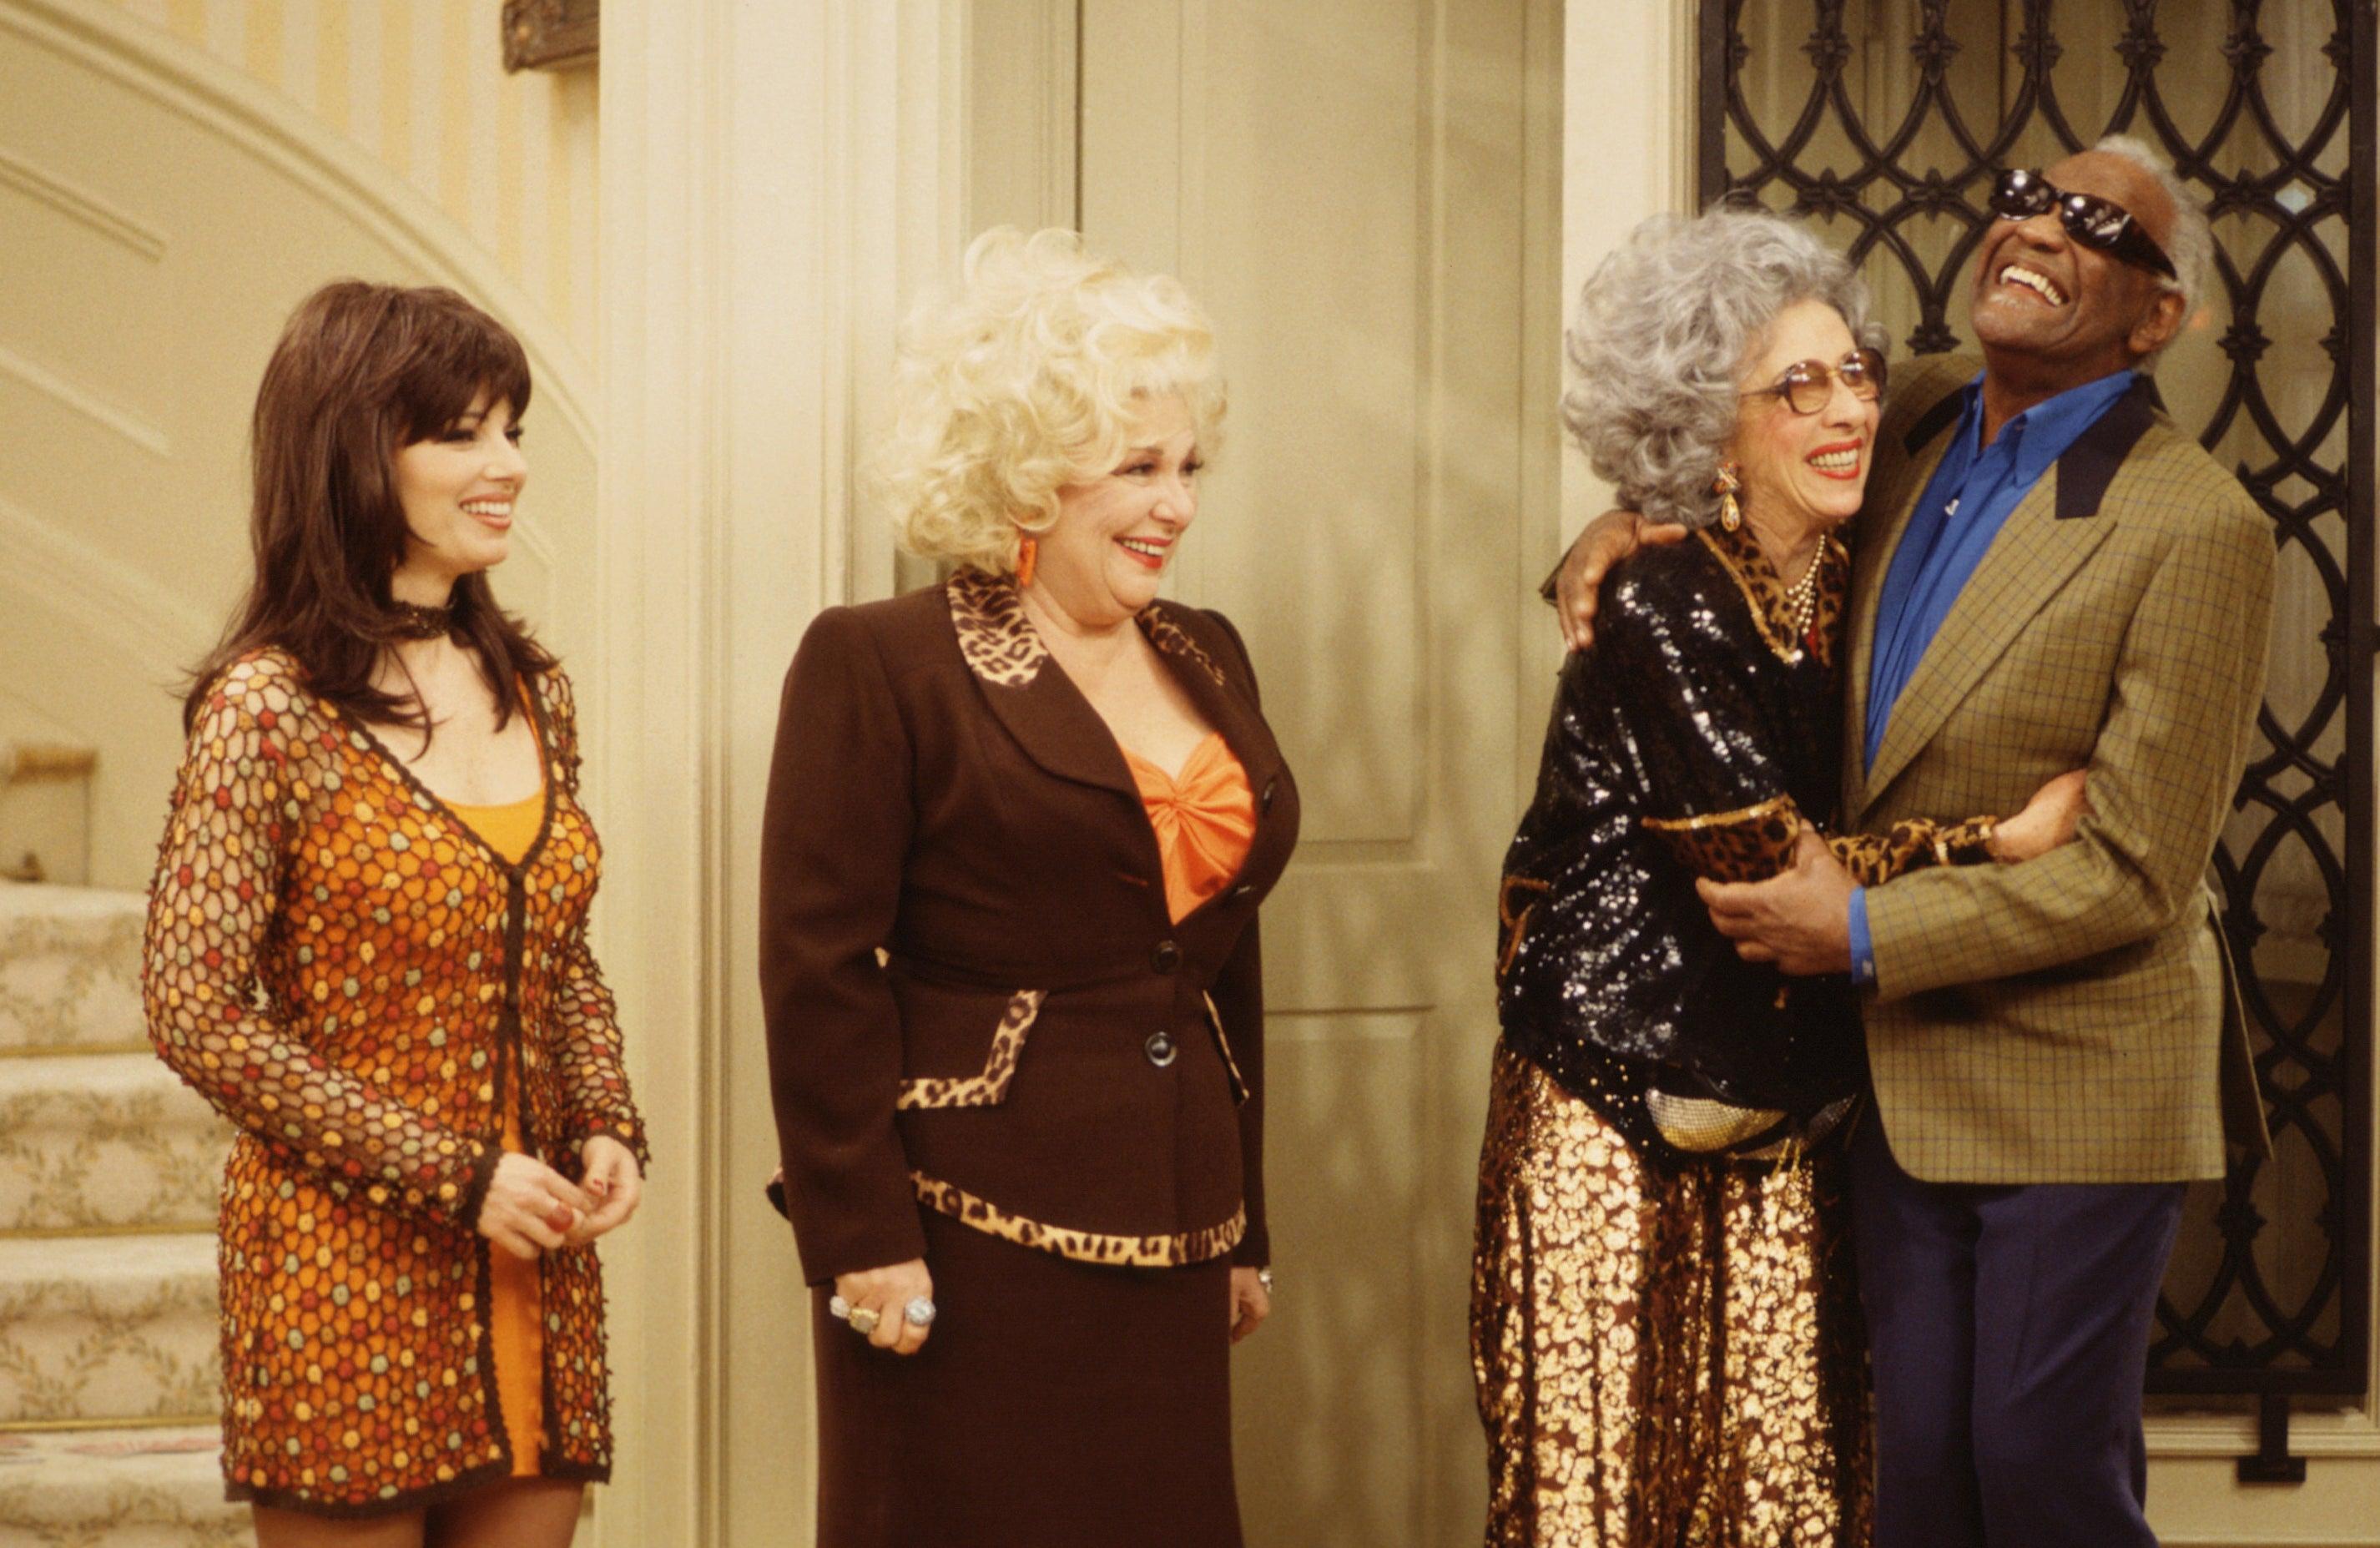 Fran, Ma, Yetta, and Sammy